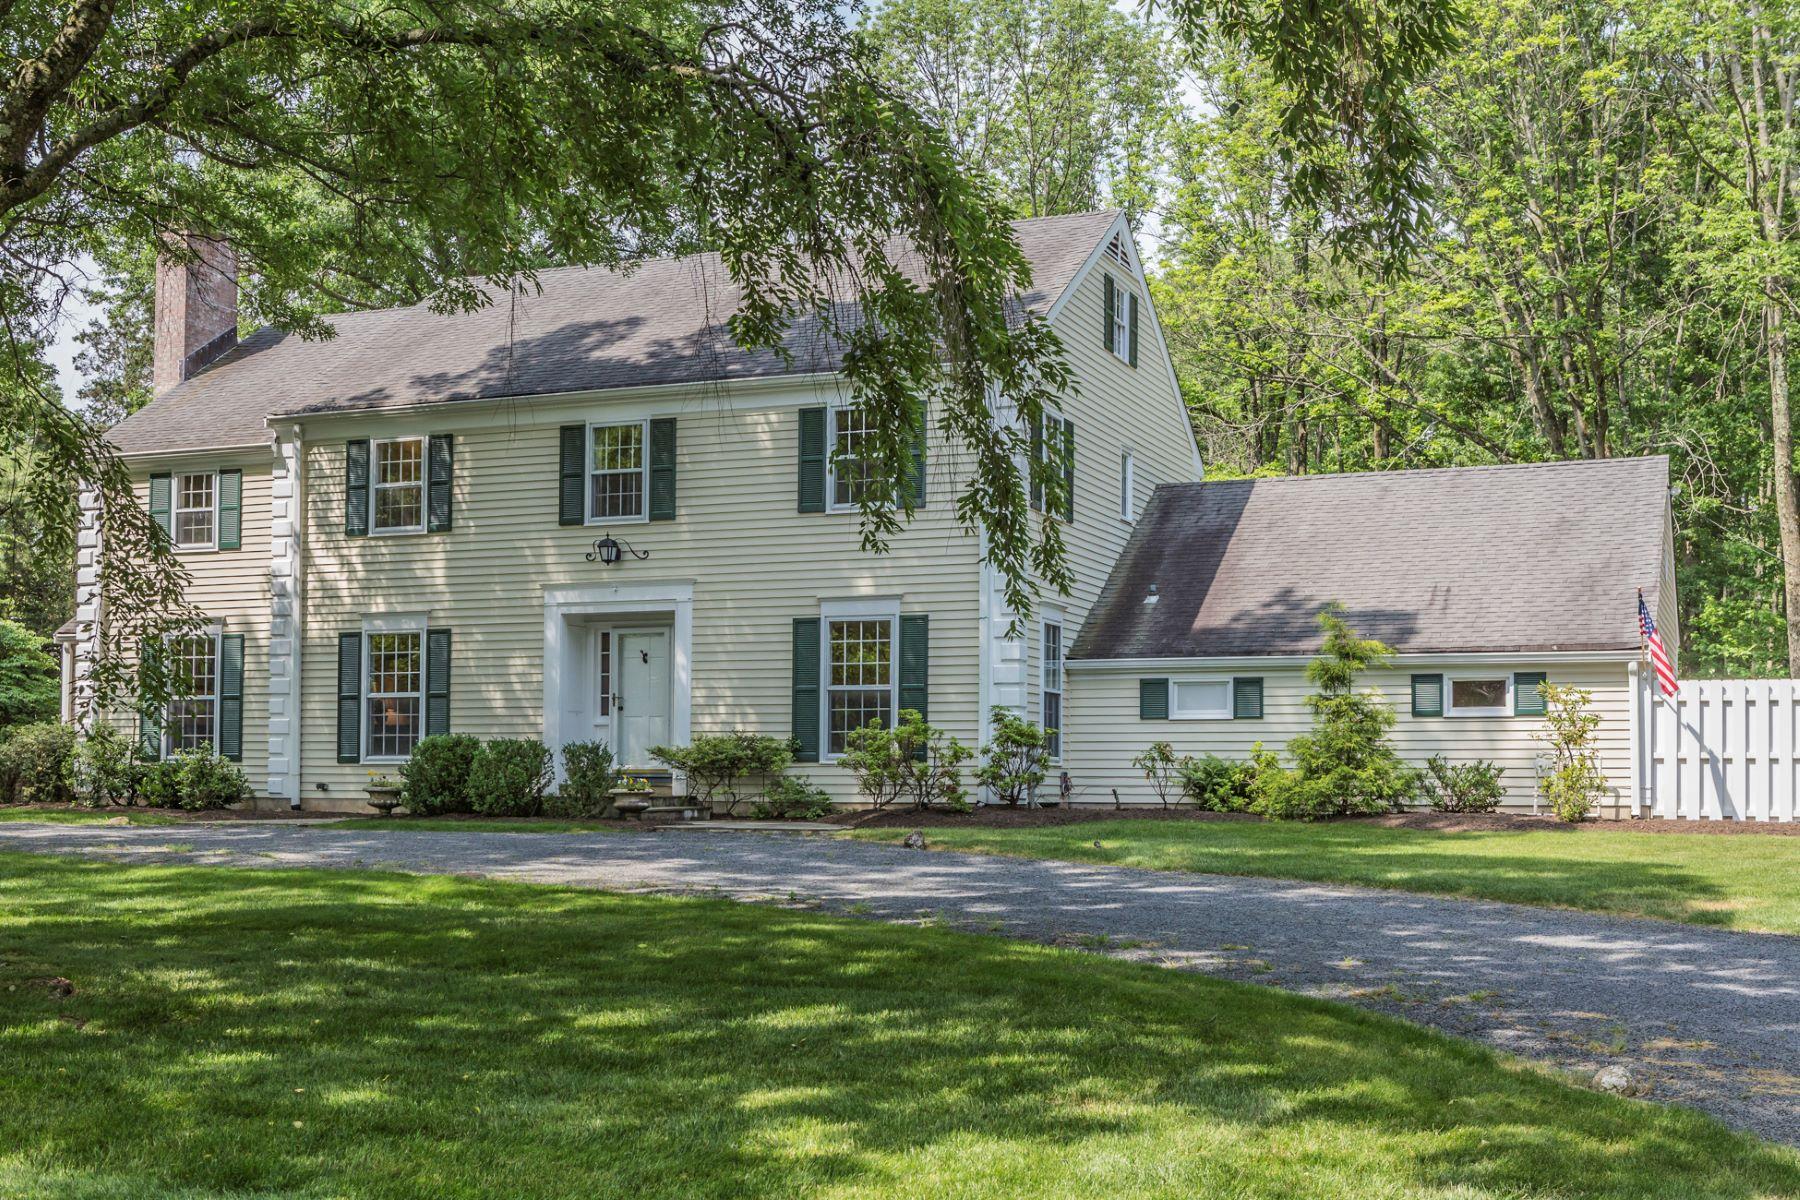 Частный односемейный дом для того Продажа на Classic, Center Hall Beauty 54 Montadale Drive Princeton, Нью-Джерси, 08540 Соединенные Штаты